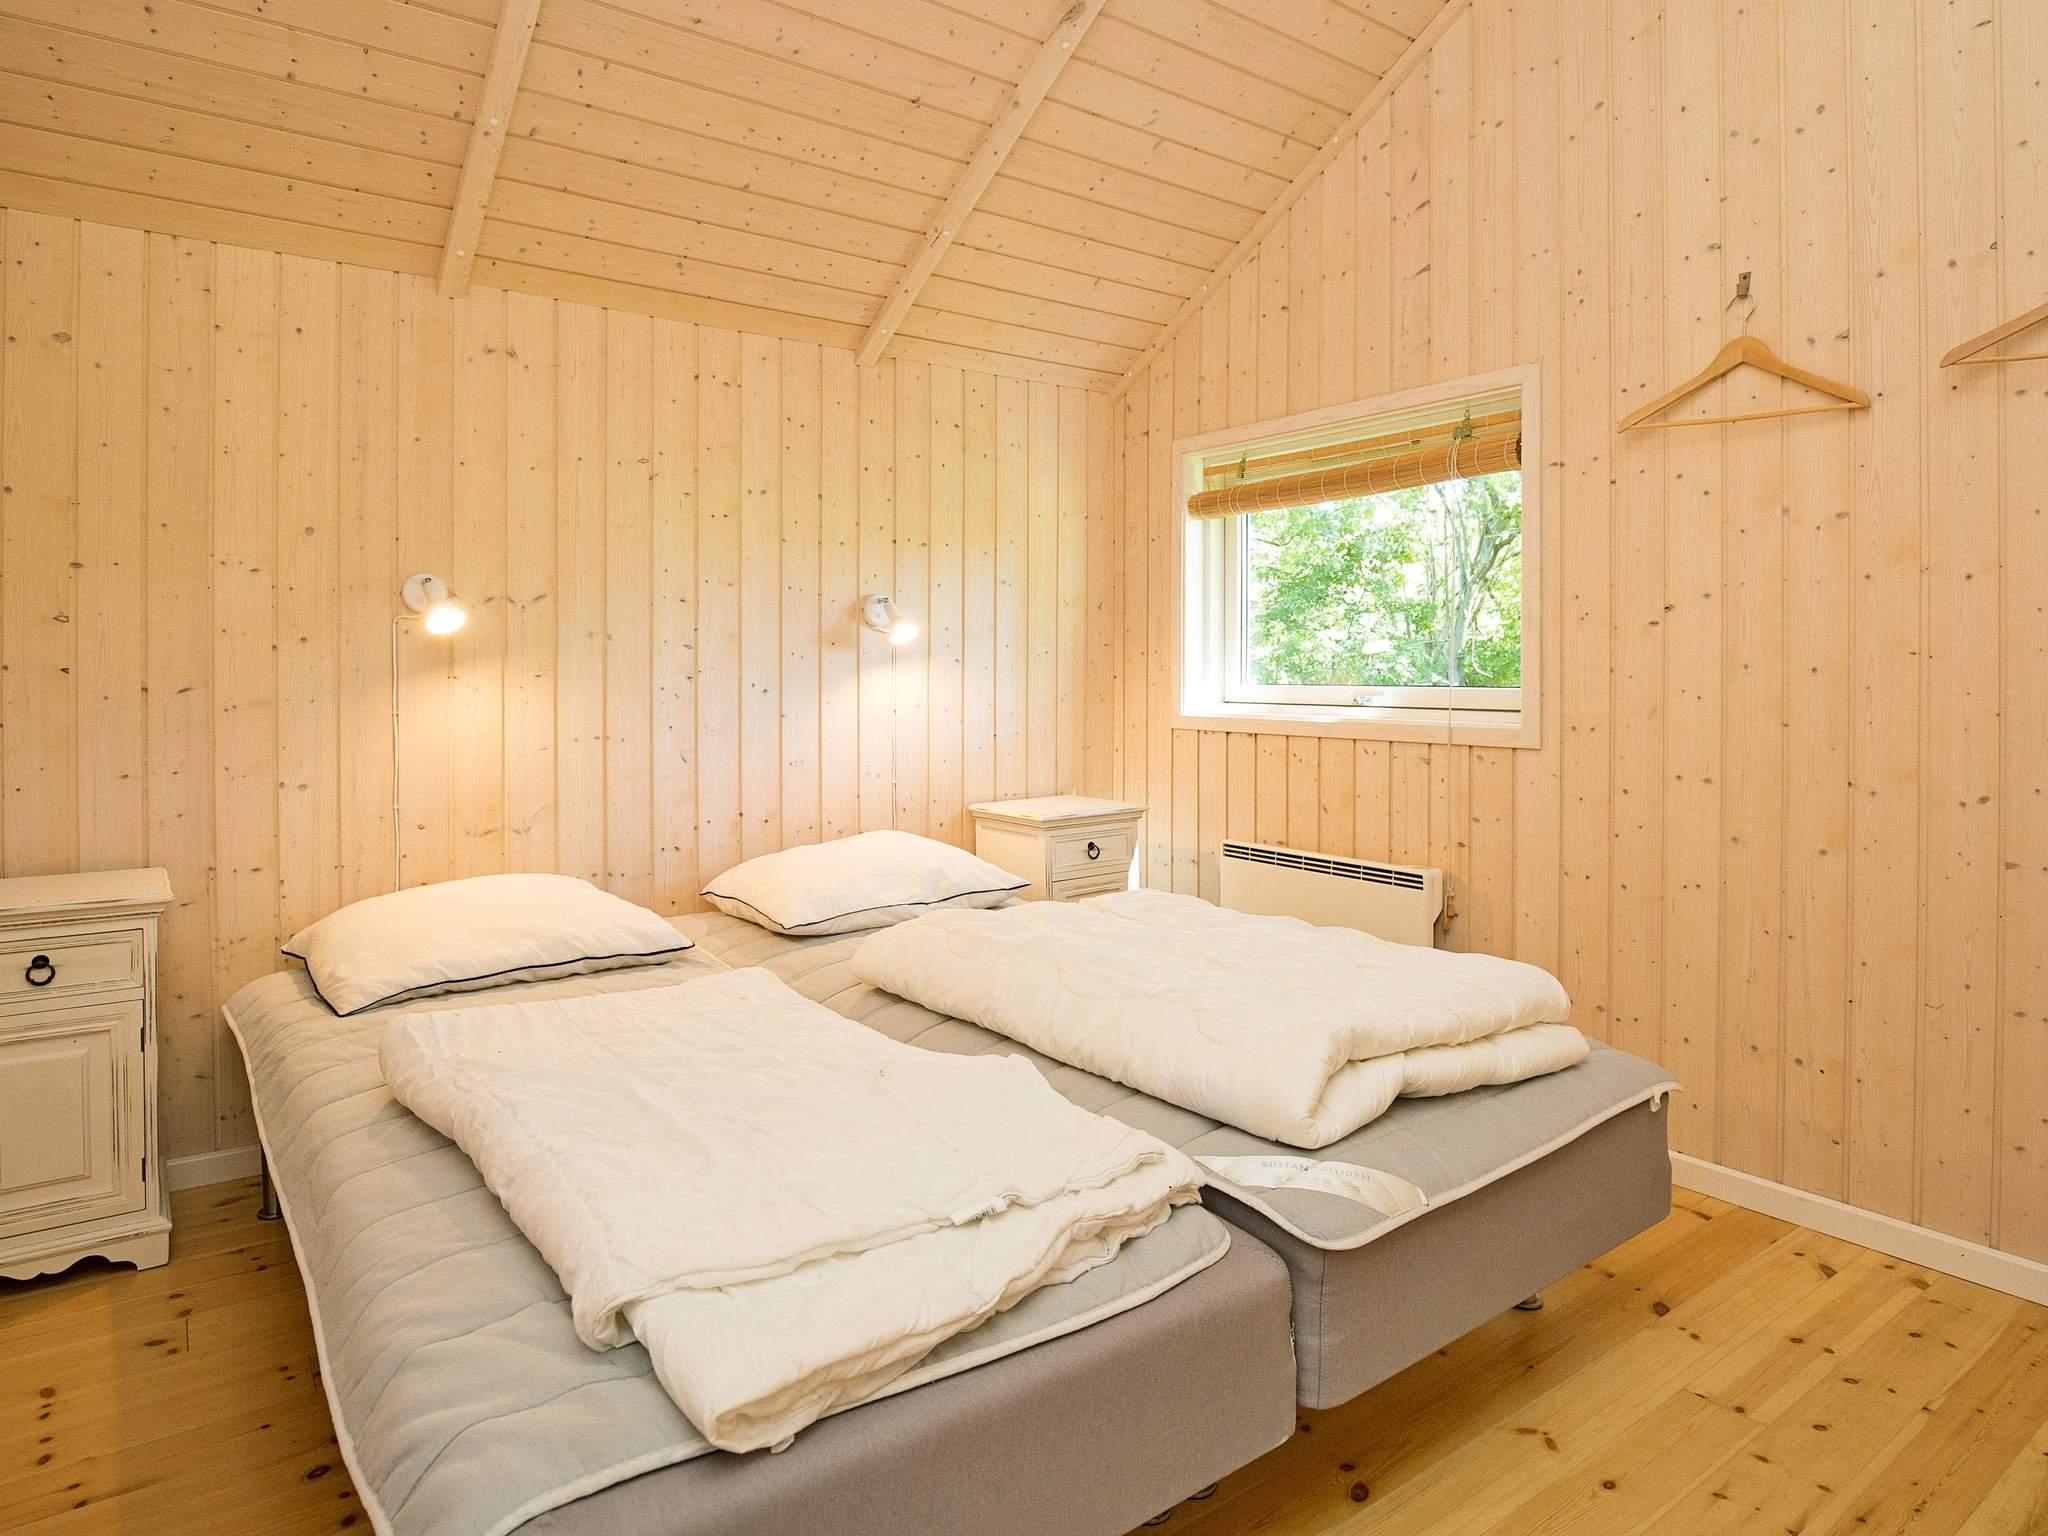 Ferienhaus Ellinge Lyng (208418), Højby, , Westseeland, Dänemark, Bild 10